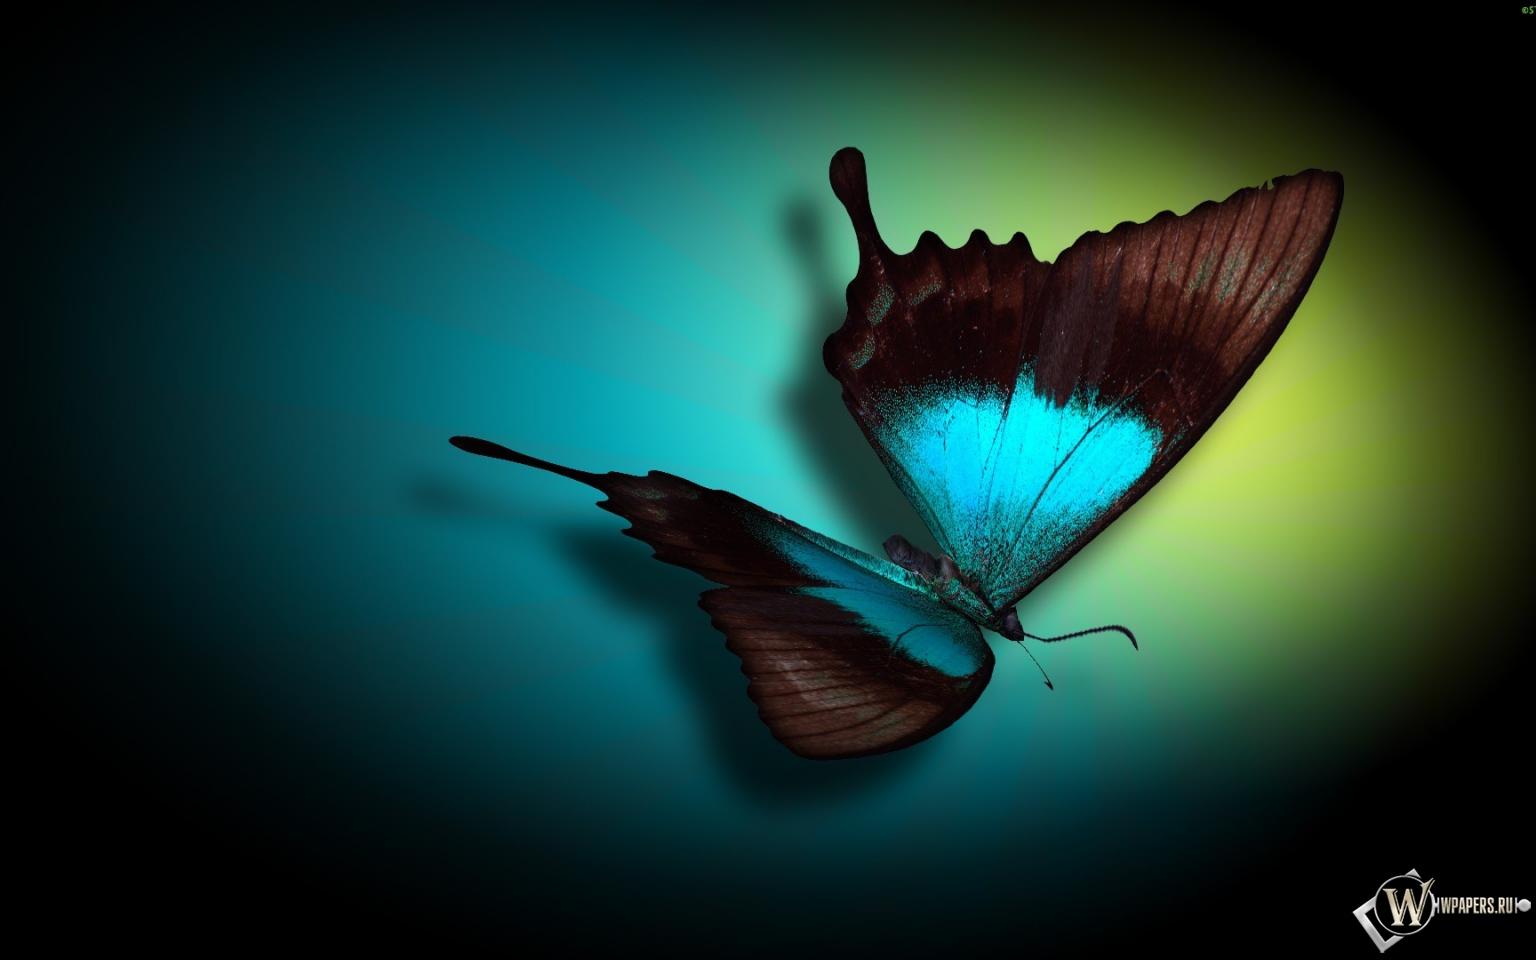 Бабочка 1536x960